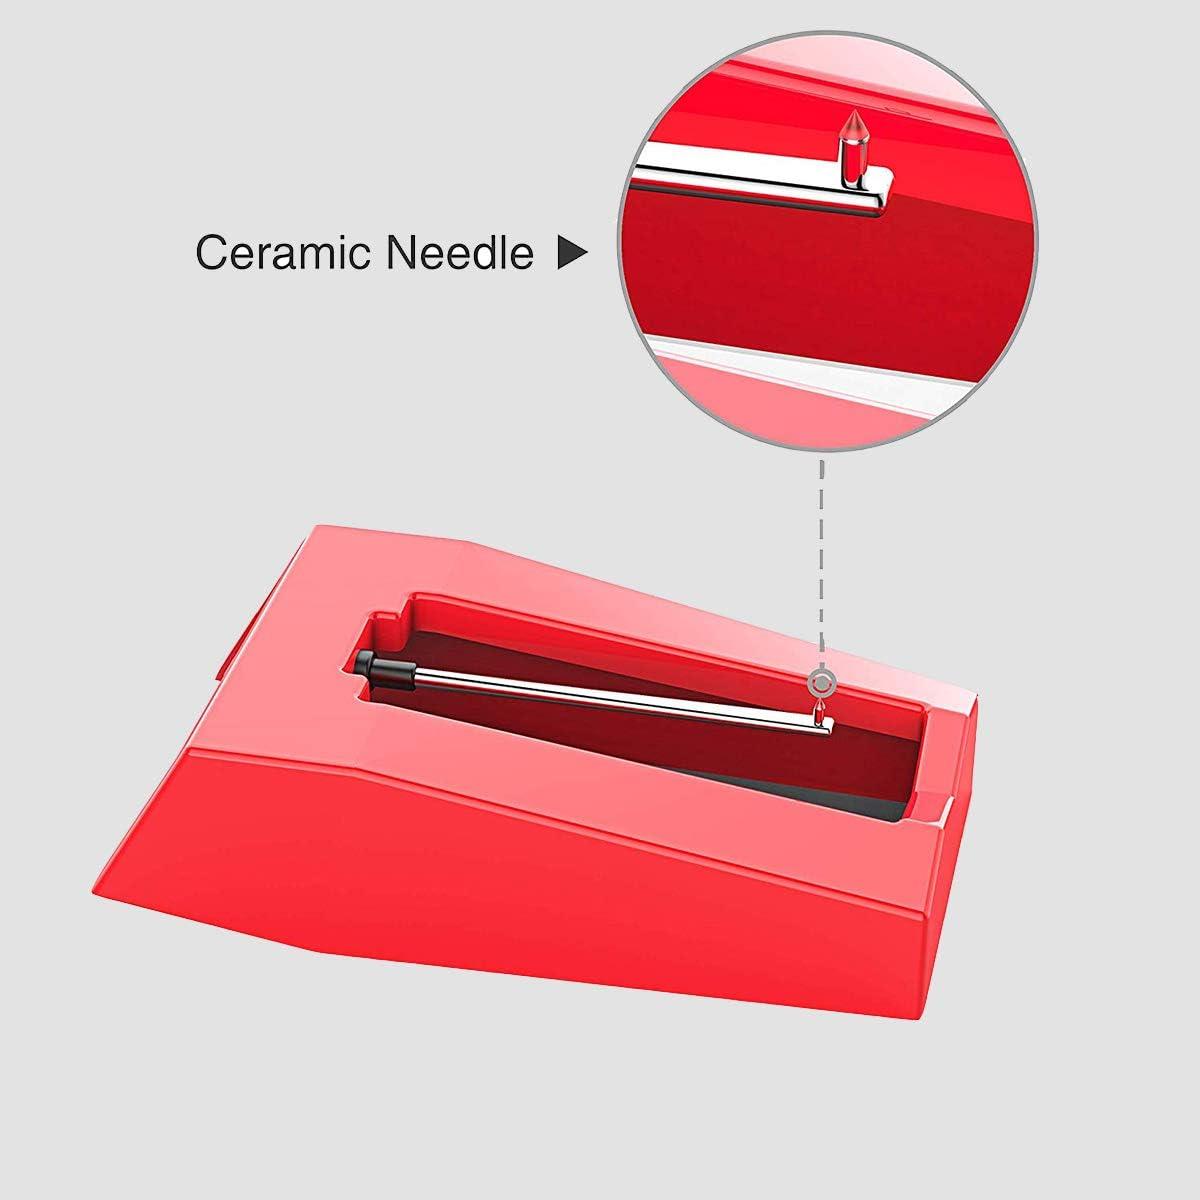 Amazon.com: NewerFire - Agujas de recambio para reproductor ...